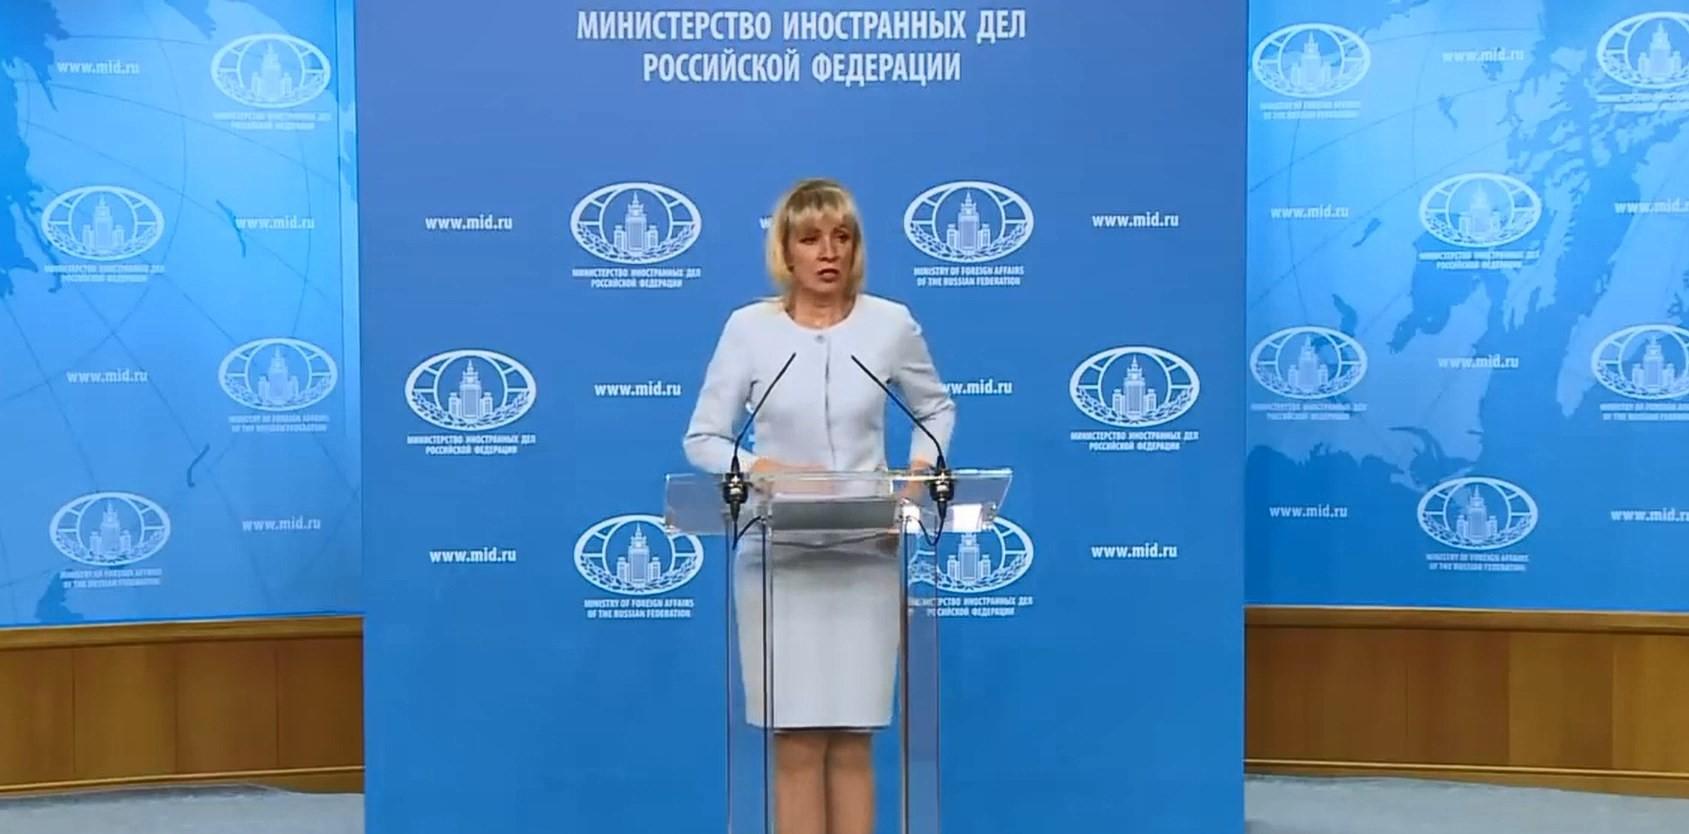 Marrëveshja e Prespës, tensionohen marrëdhëniet Moskë- Athinë